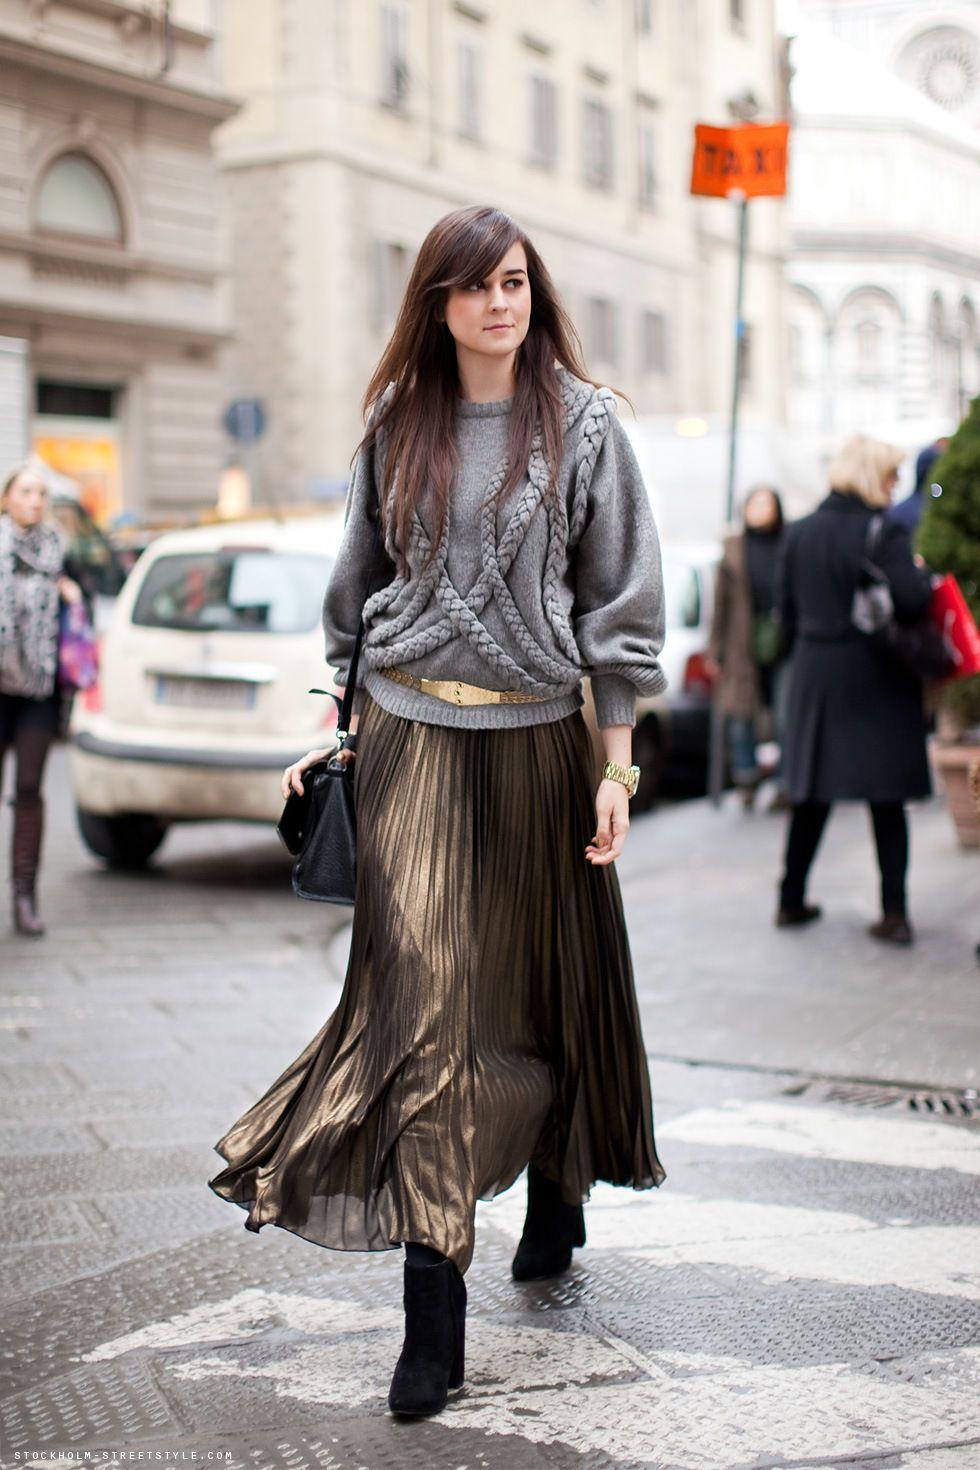 Pleated skirt + knitwear